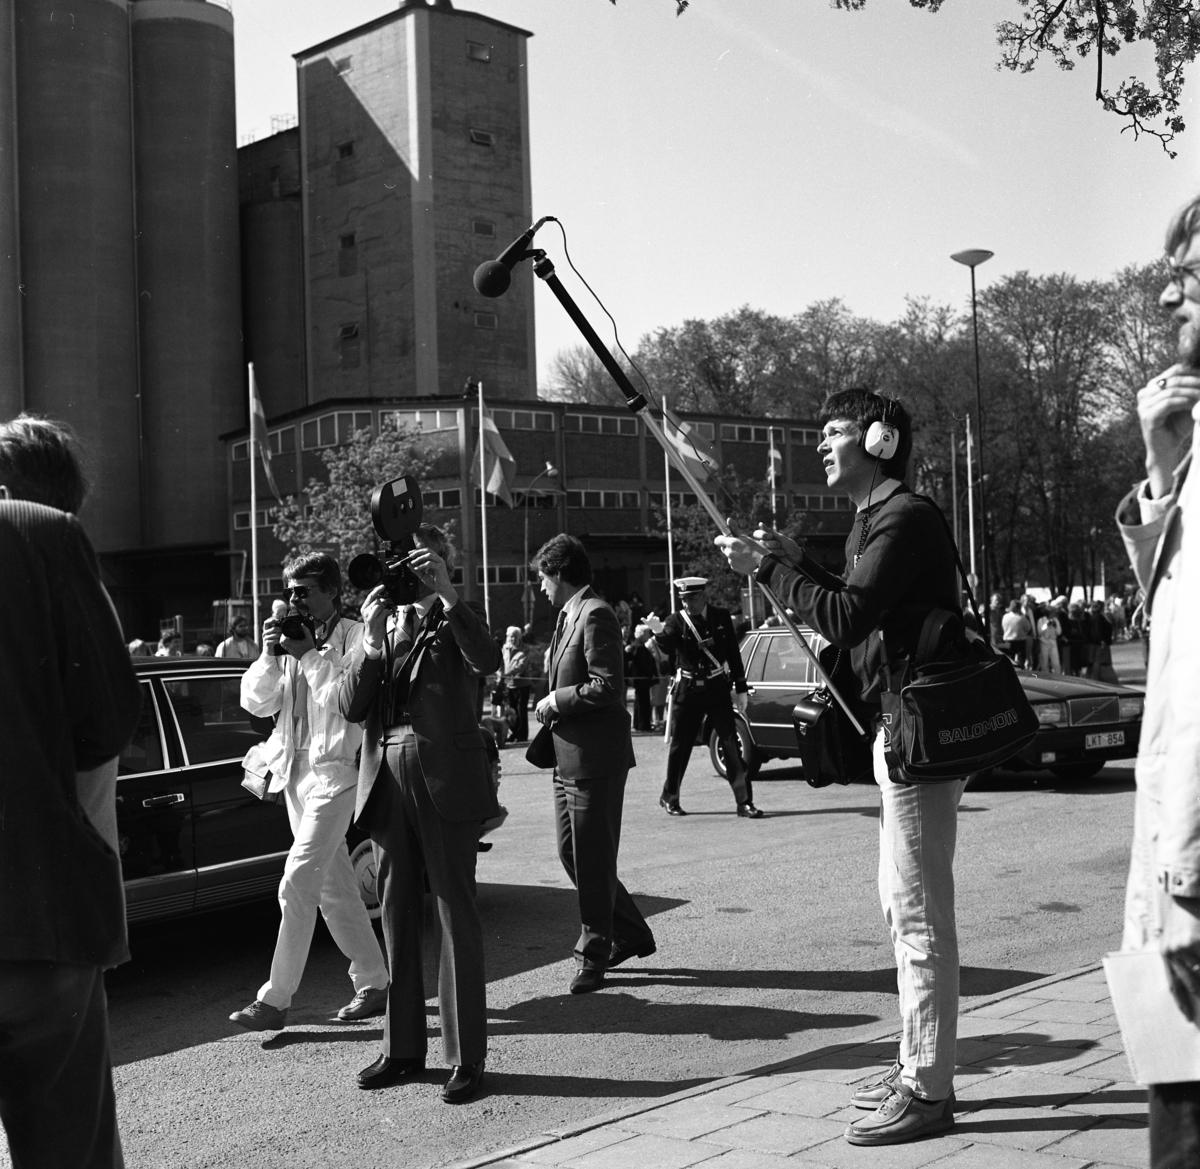 Pressen och polisen vid järnvägsstationen. Allmänheten trängs för att se kungaparet och riksdagsledamoterna som anländer med tåg. Den ljusklädde fotografen är Björn Johansson på Arboga Tidning. I Arboga firas 550-årsminnet av Sveriges första riksdag. Riksdagsjubileet 1985. I bakgrunden ses Lantmännens silo.